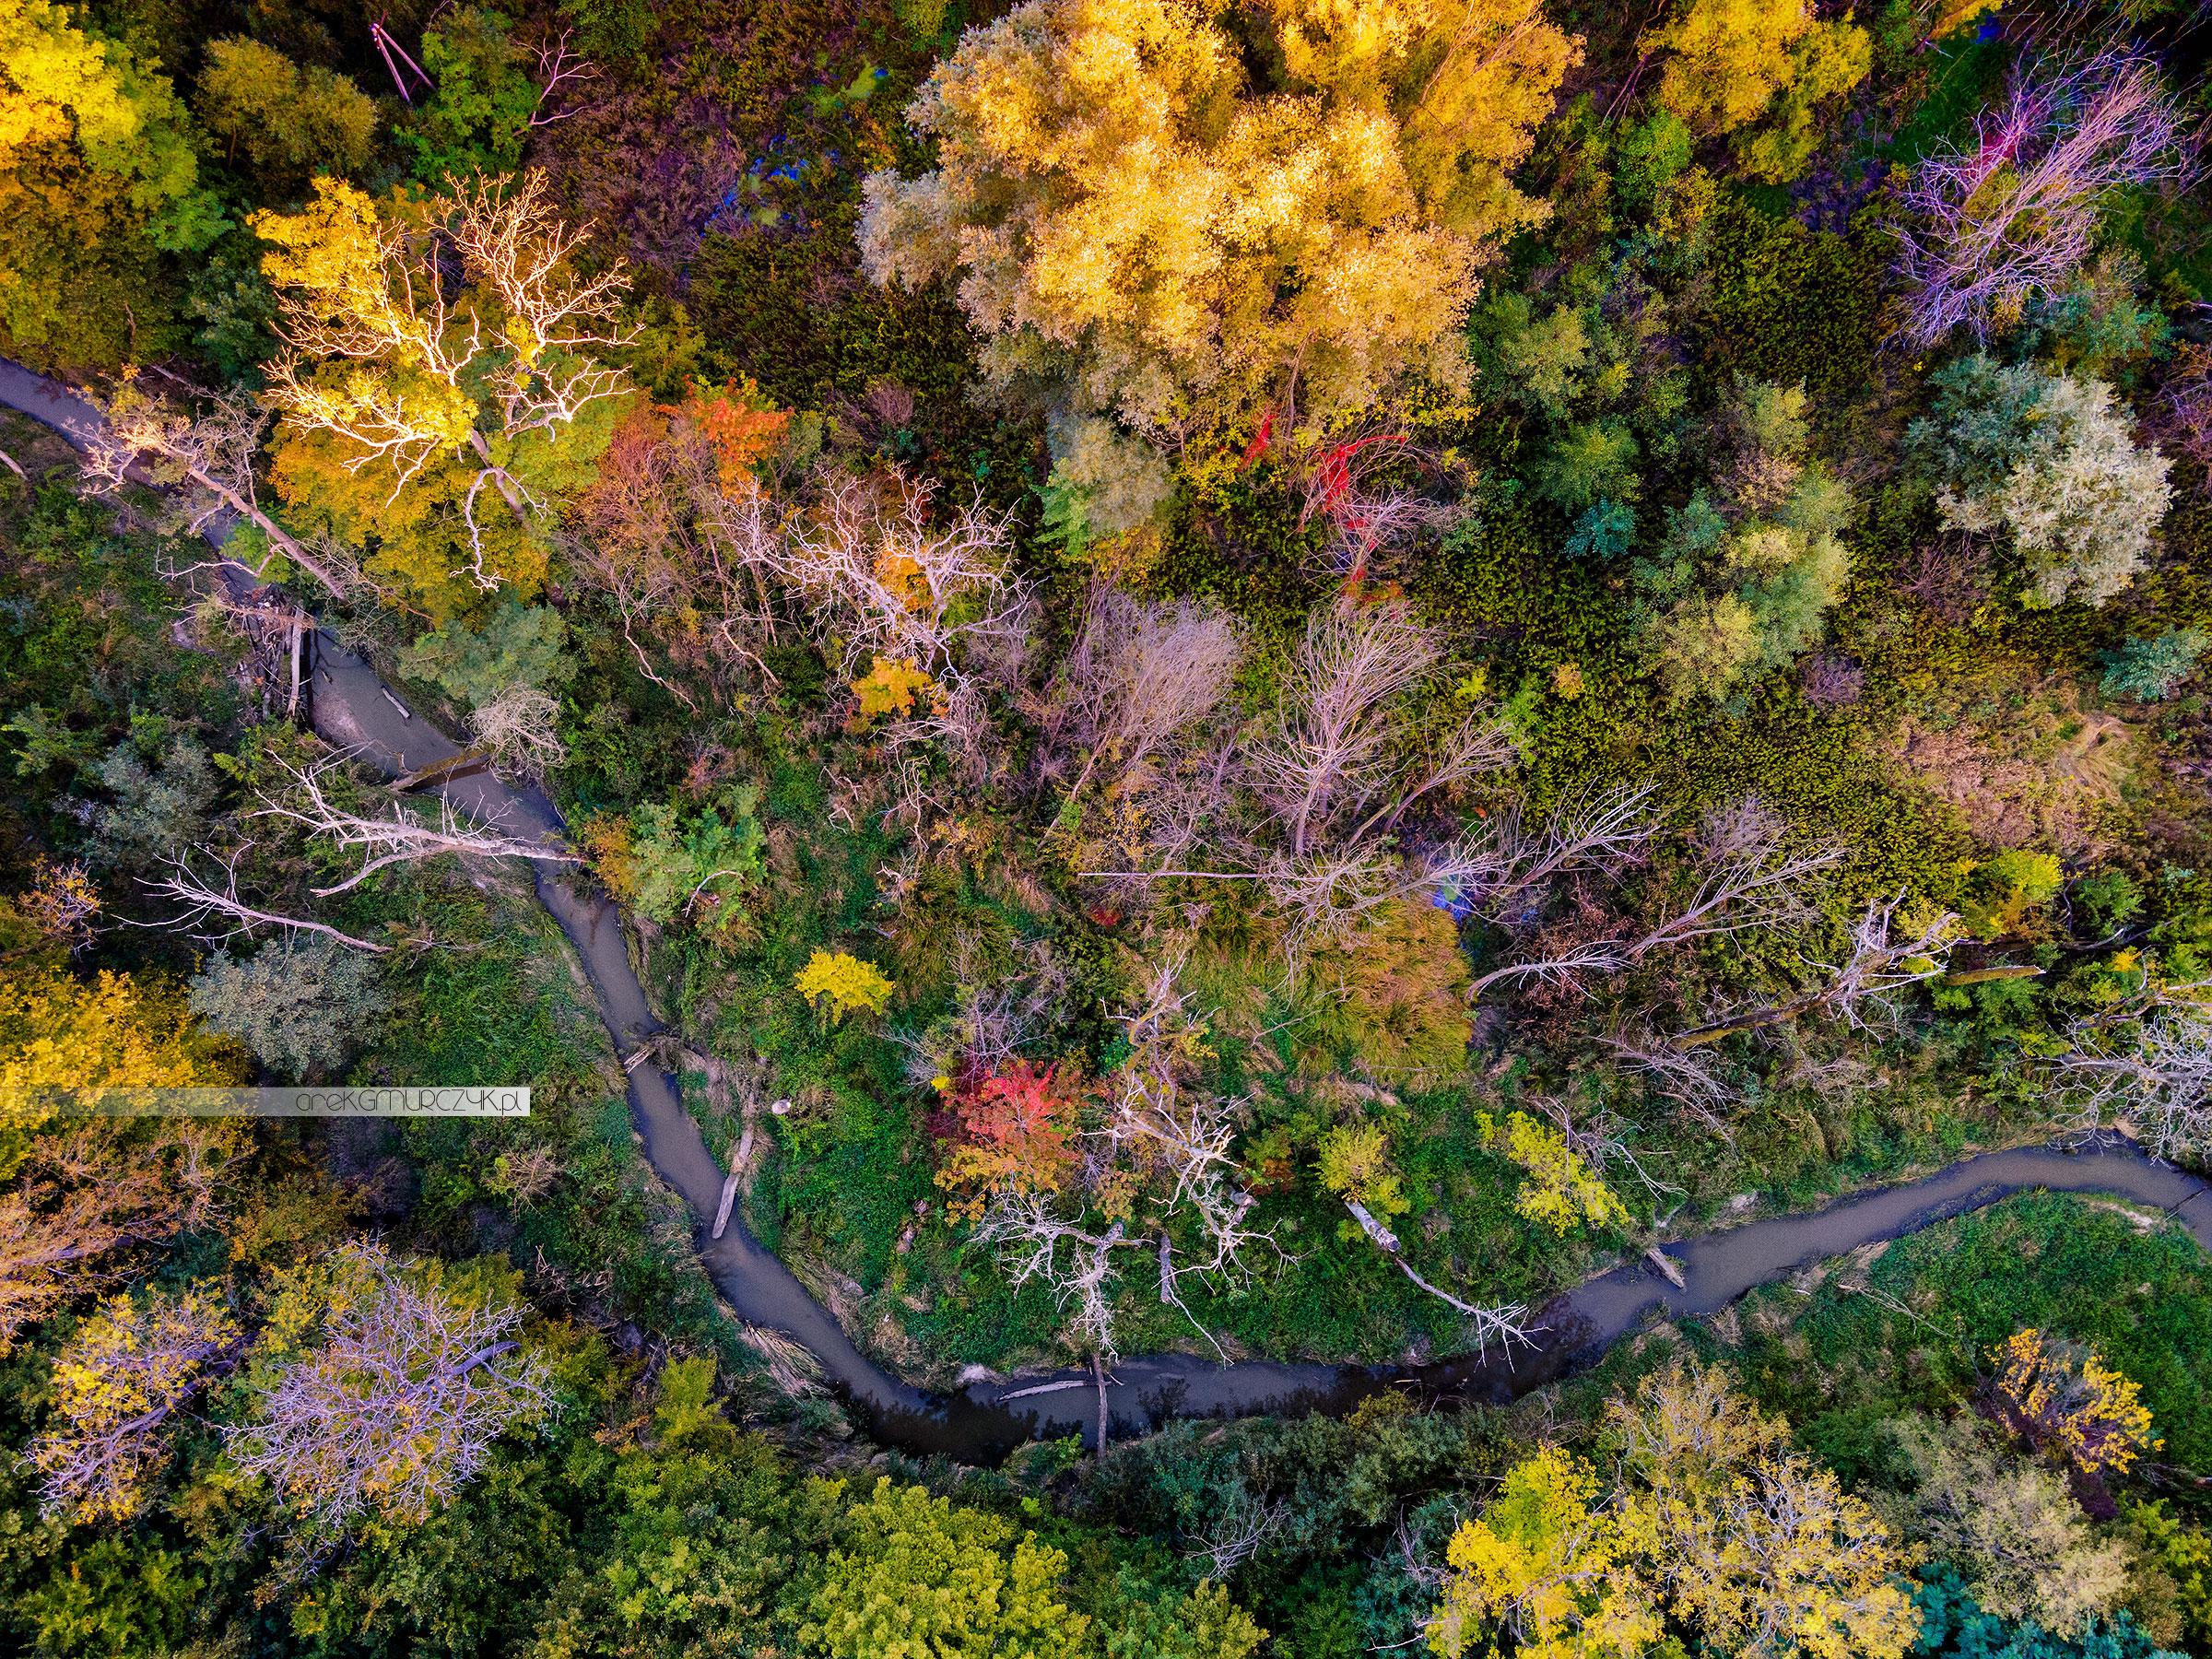 Zespół Przyrodniczo-Krajobrazowy Jaru Rzeki Brzeźnicy, zdjęcia lotnicze